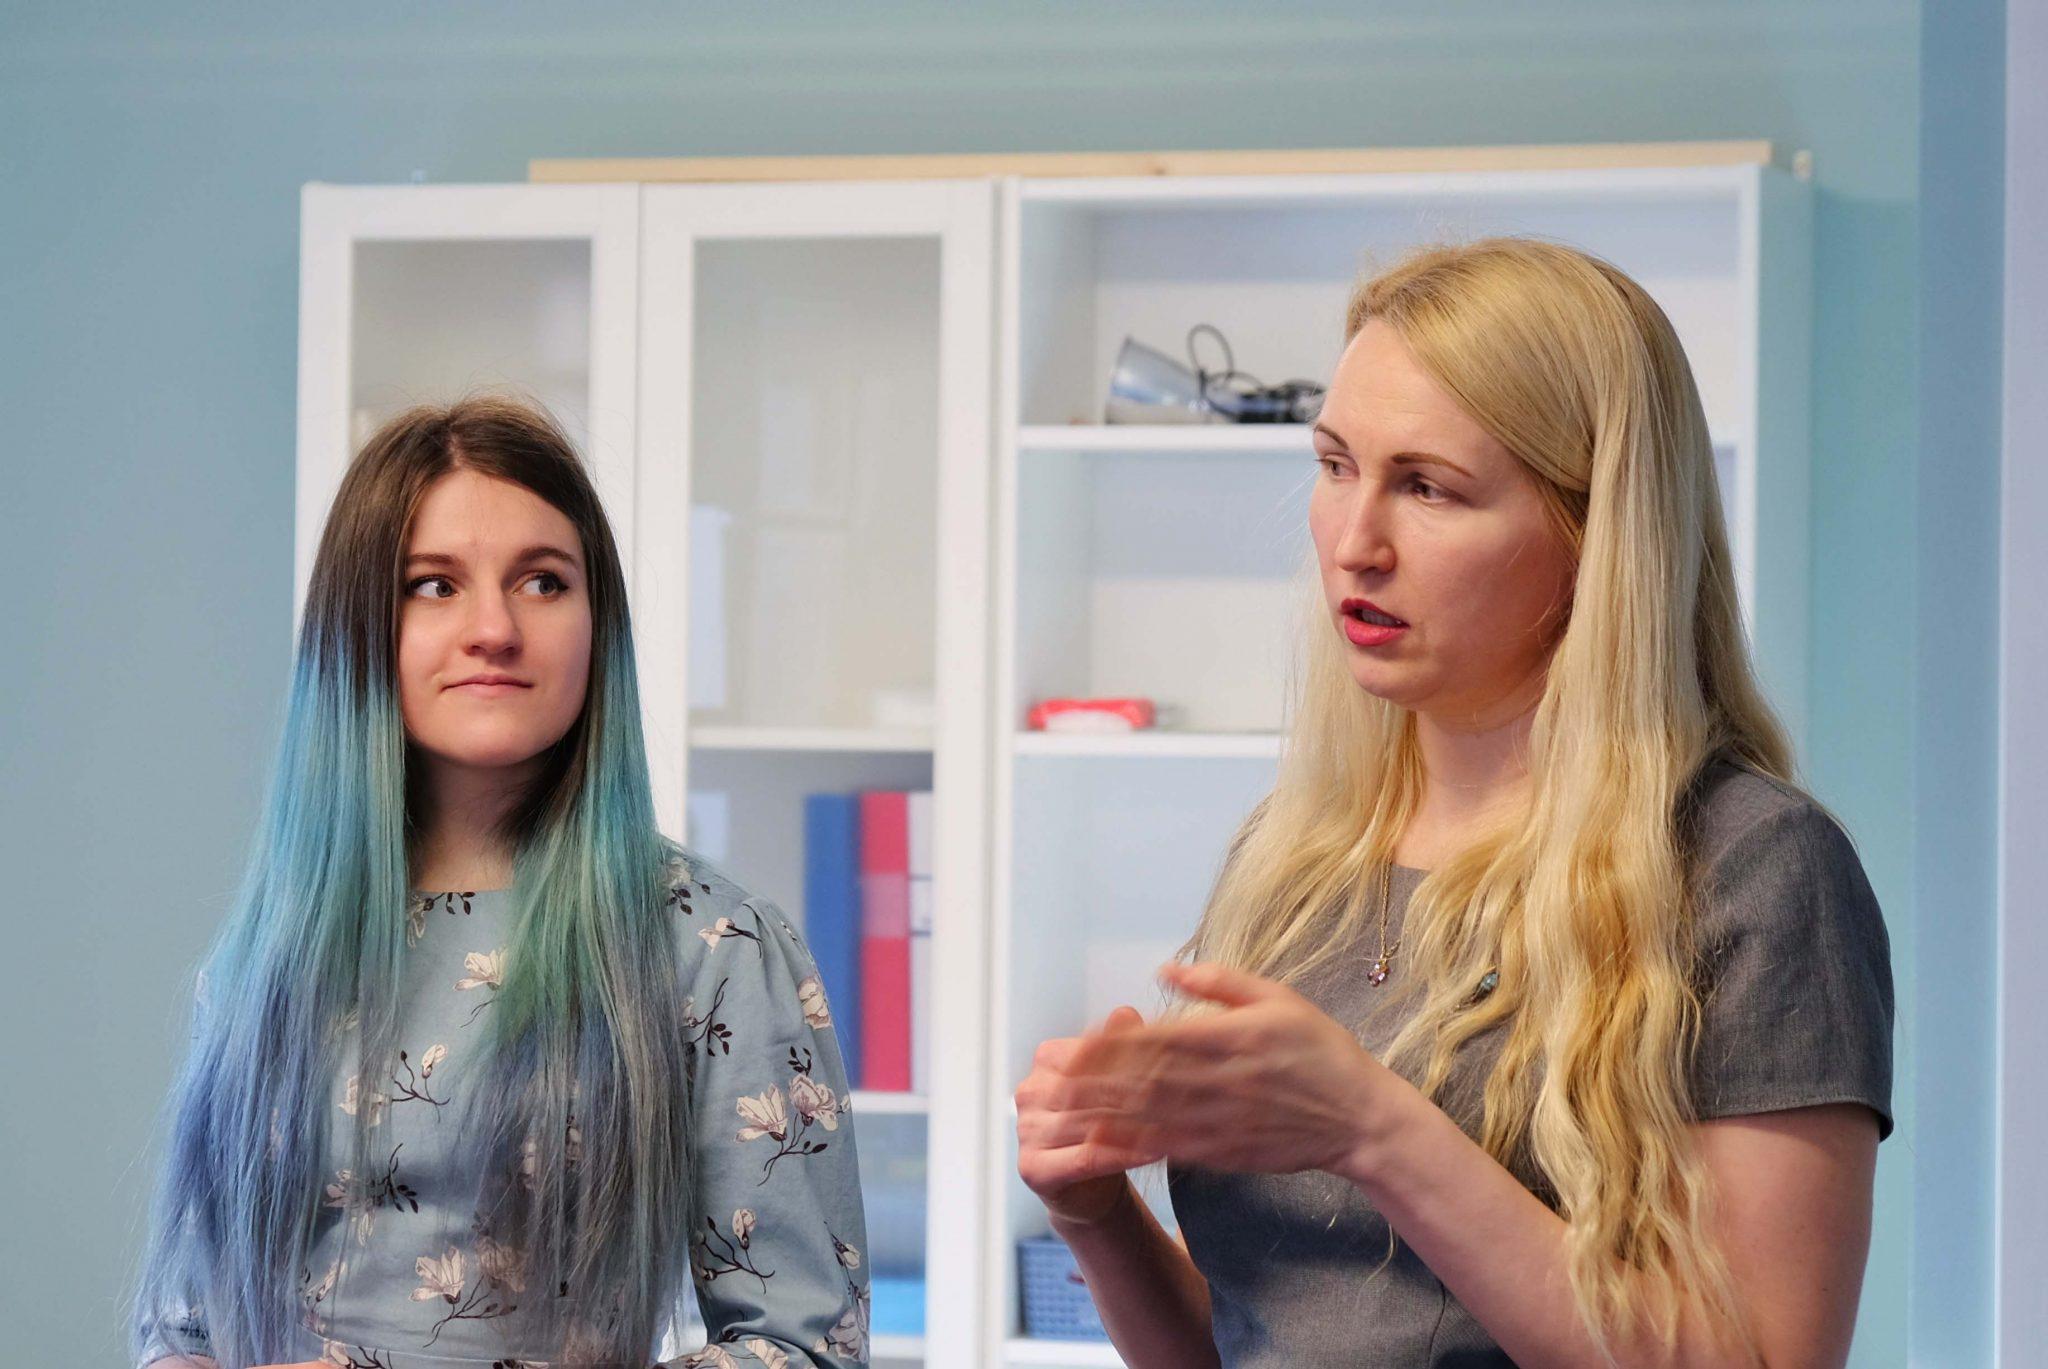 öppet hus fine arts kulturföreningen